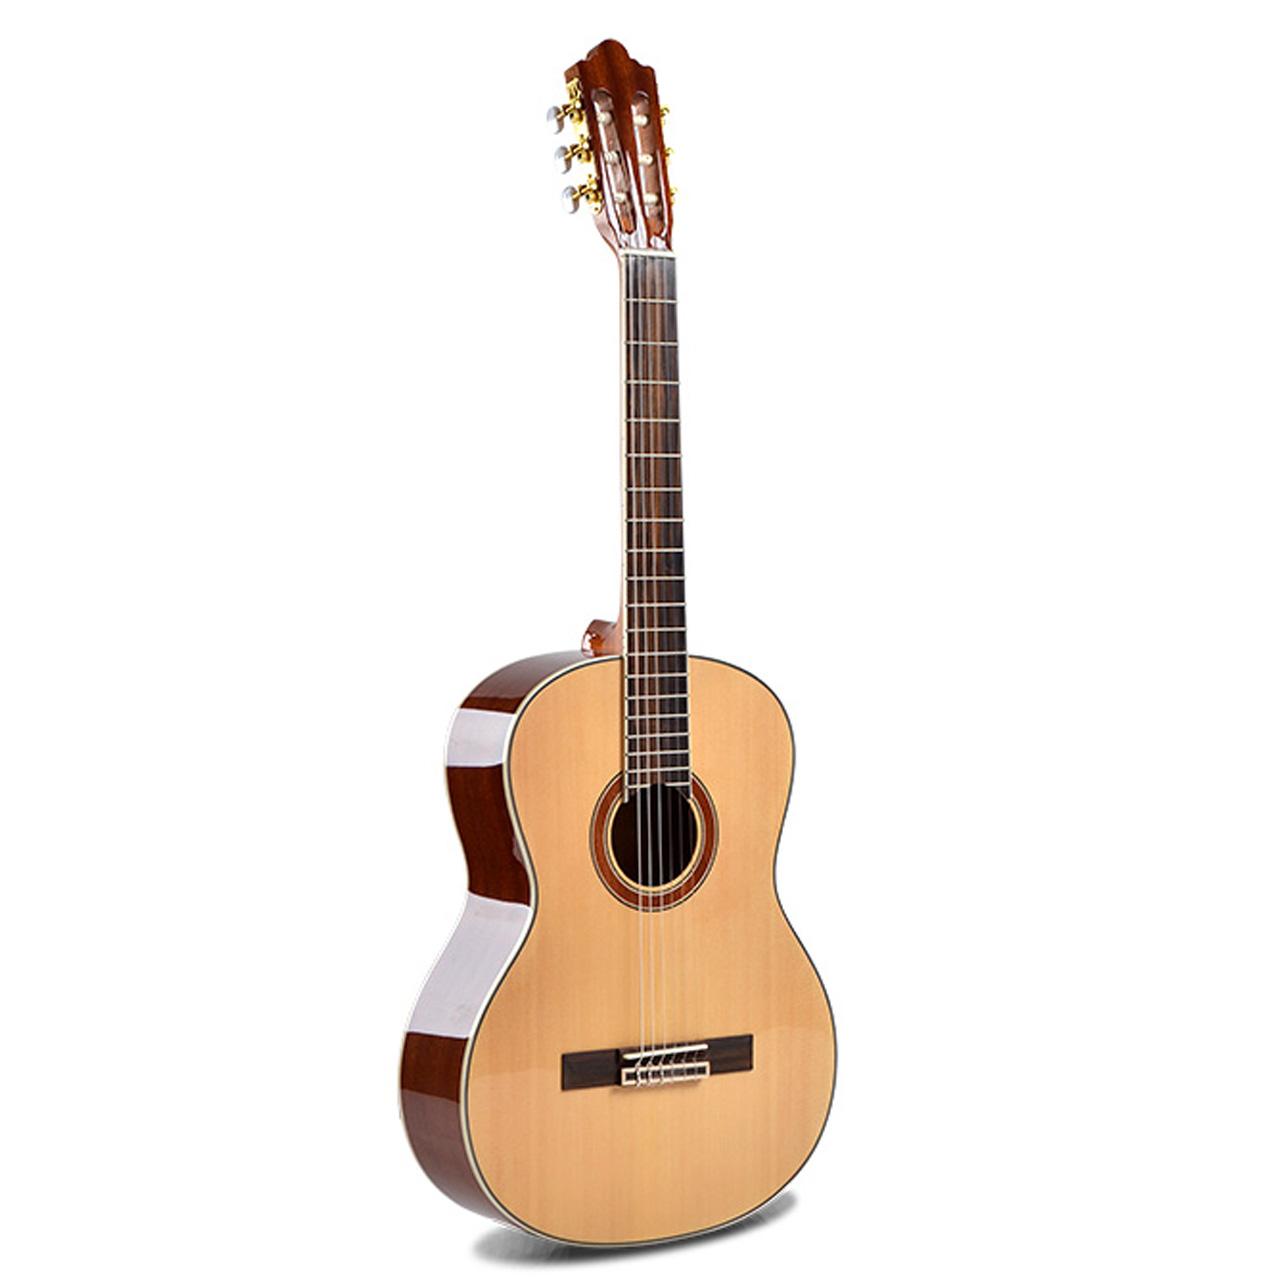 گیتار کلاسیک اسمیجر مدل CG-100